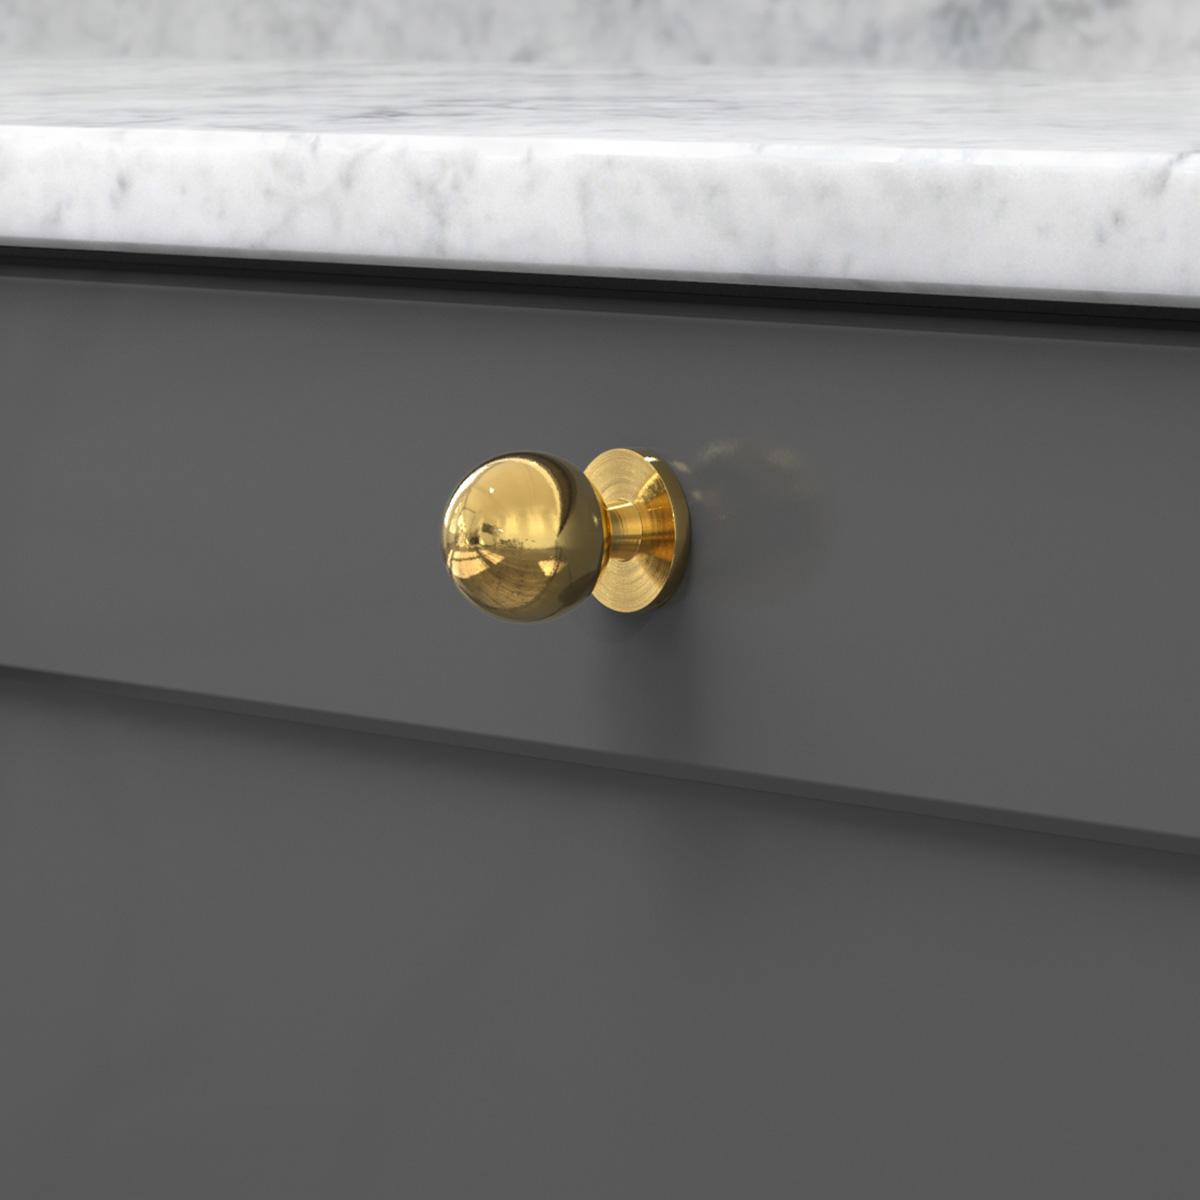 Knopp soliden polerad massing 339431 11 25 mm ncs s 7500 n marmor carrara